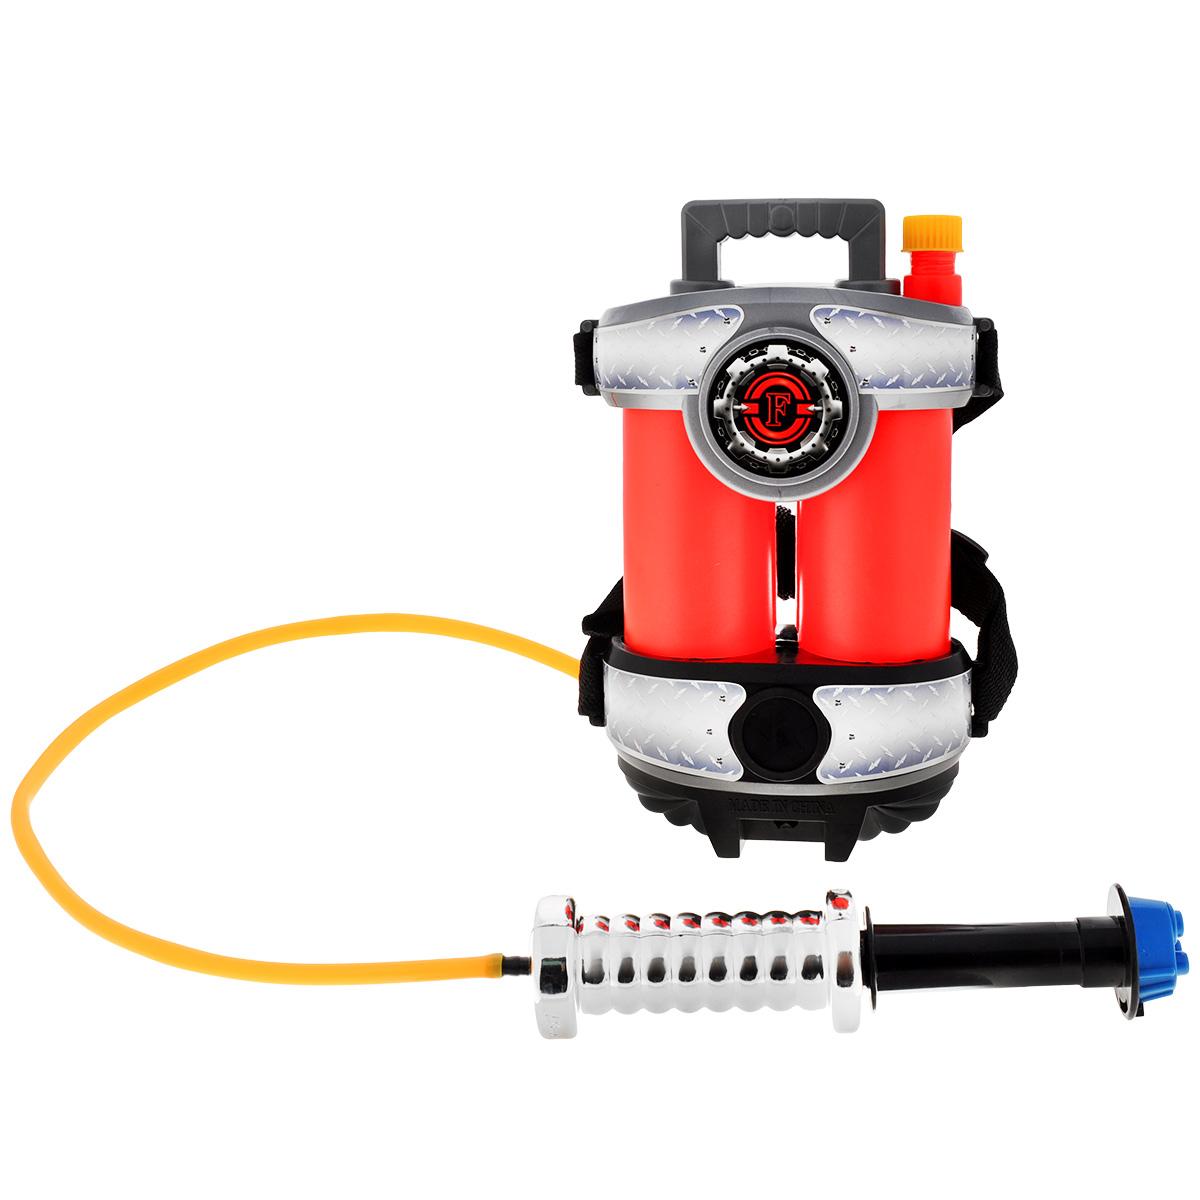 Bebelot Водная помпа Спасательная операцияBEB1106-101Bebelot Водная помпа Спасательная операция станет отличным развлечением для детей в жаркую летнюю погоду. Изделие выполнено из прочного качественного пластика ярких цветов. Помпа оснащена вместительным и удобным резервуаром для воды в виде рюкзака. Для того, чтобы начать стрелять, необходимо заполнить резервуар чистой водой и передвинуть рукоятку. Игры с водой подарят много радости и удовольствия вашему ребенку!